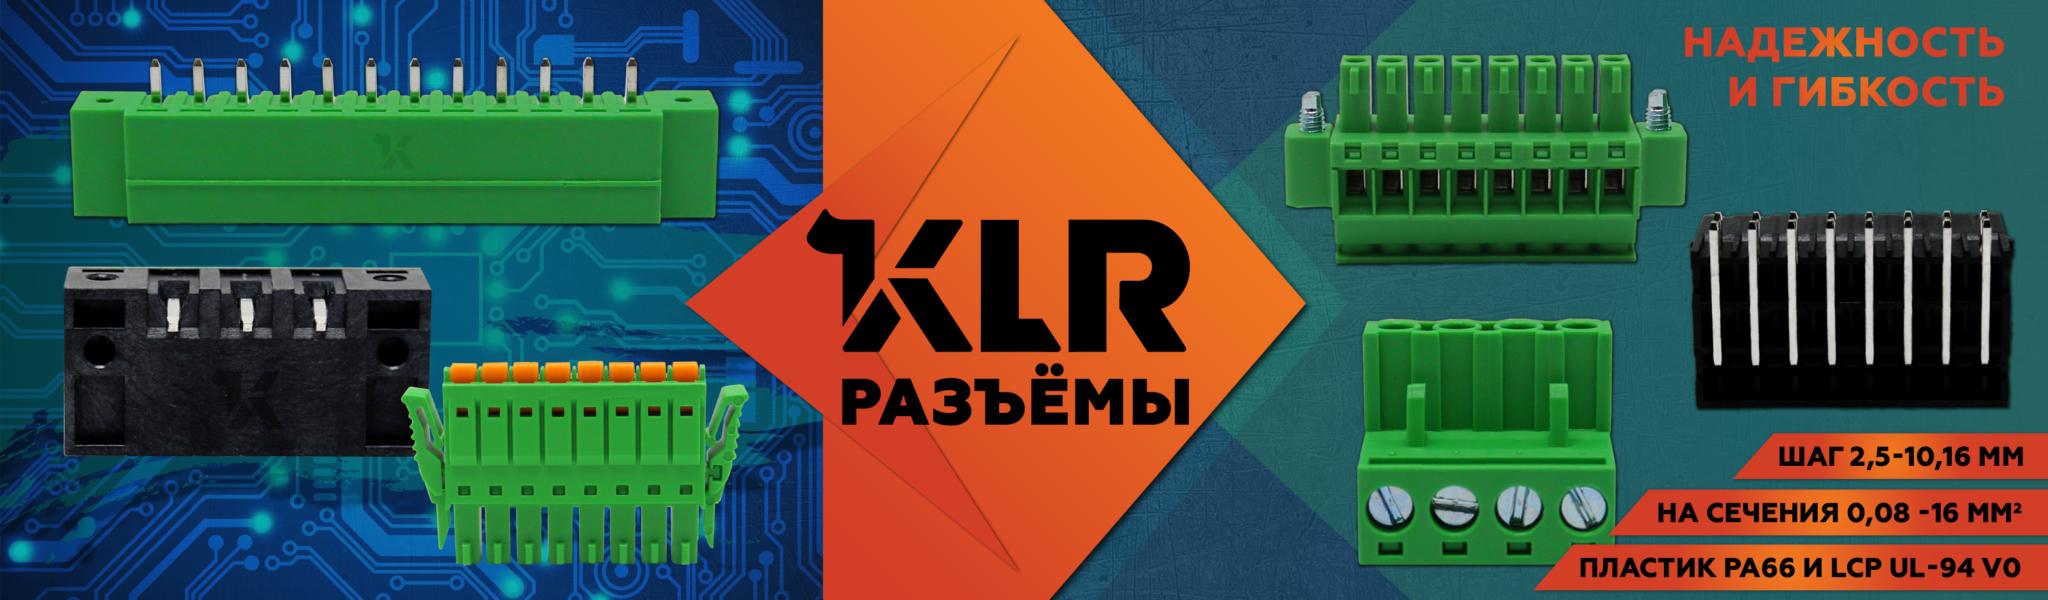 KLR - Разъемы для промышленной электроники